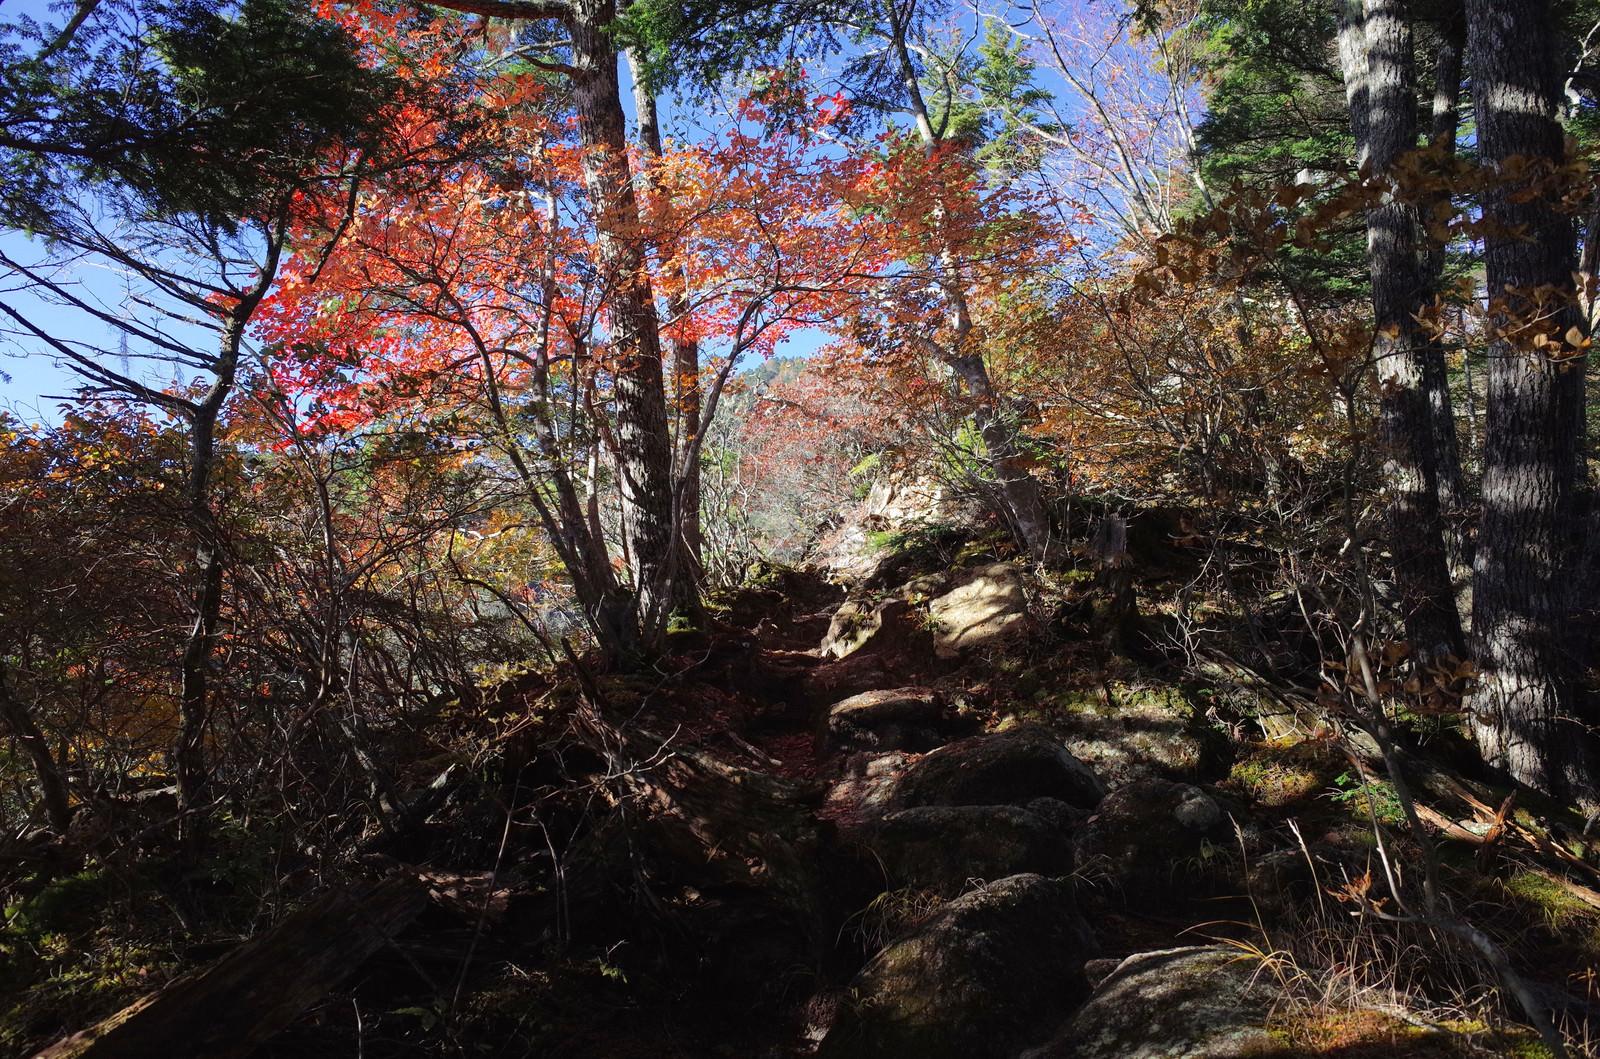 「紅葉の木漏れ日が気持ち良い甲斐駒ヶ岳登山道」の写真